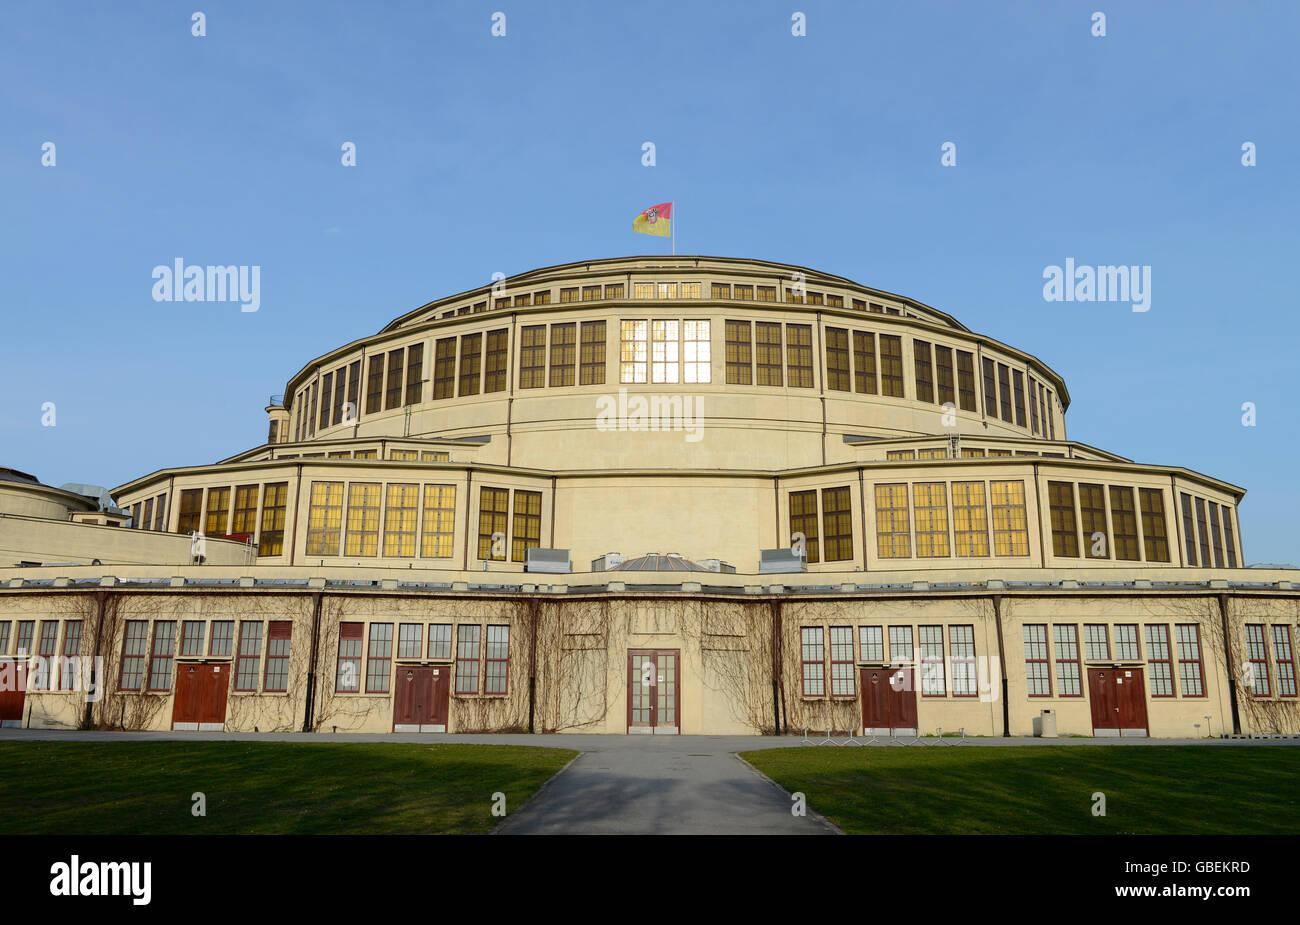 Jahrhunderthalle, Breslau, Niederschlesien, Polen - Stock Image